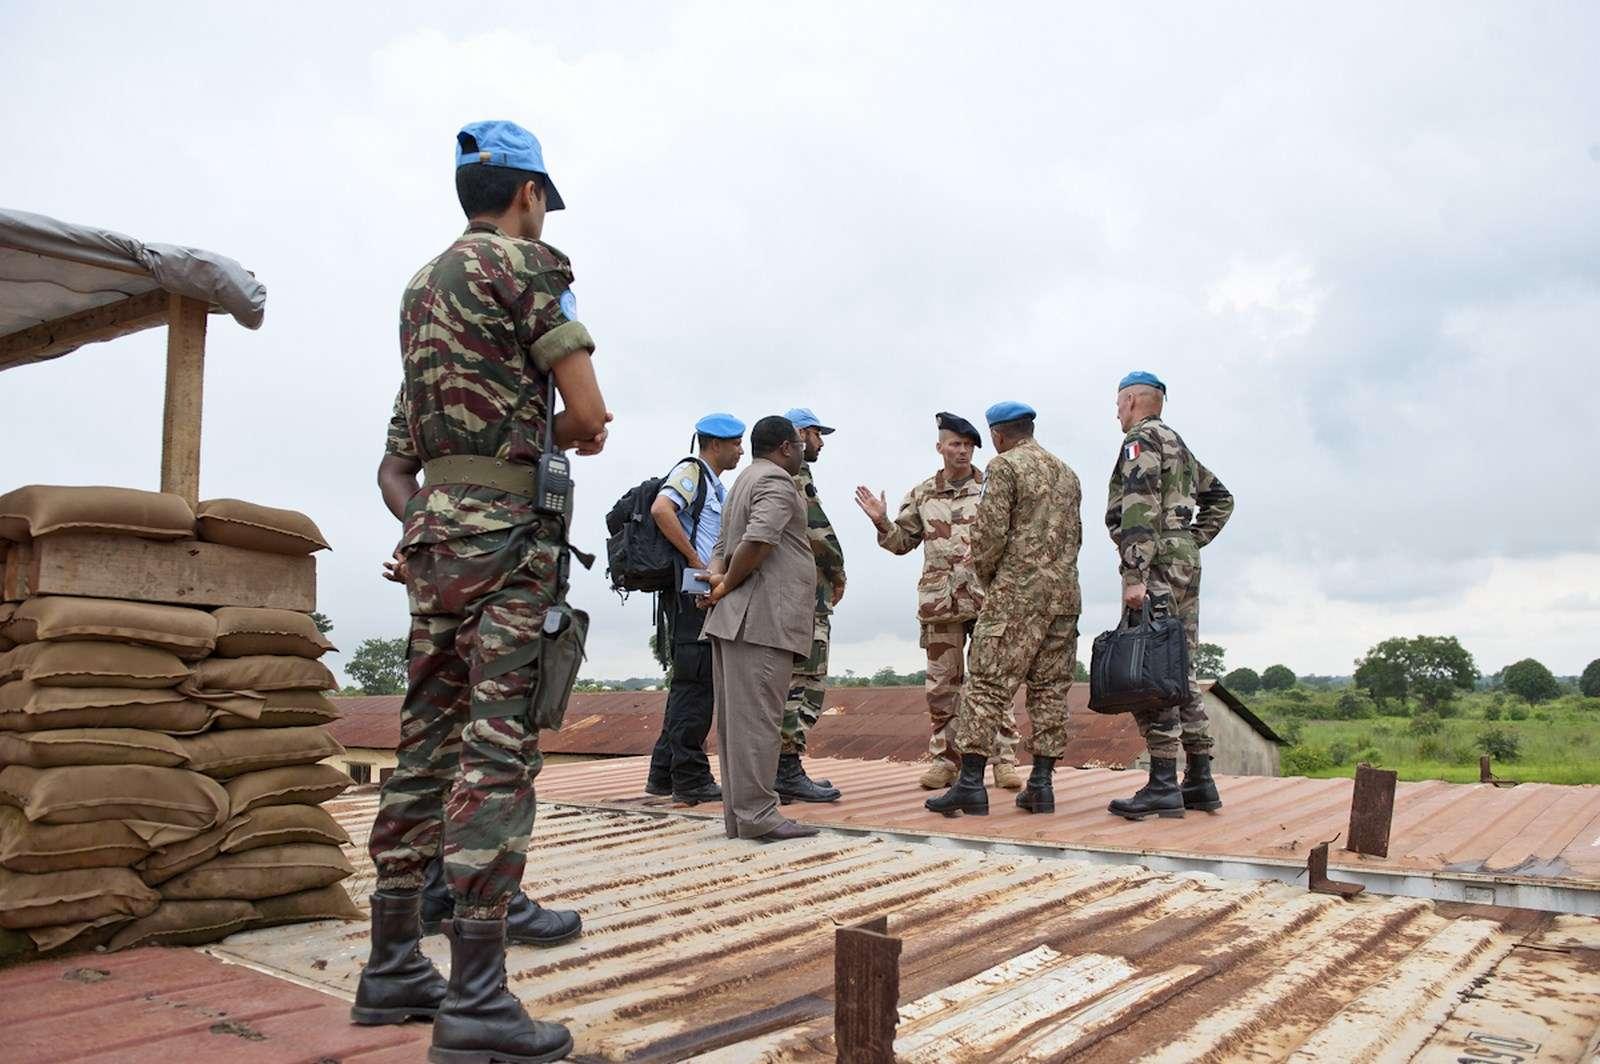 Maintien de la paix dans le monde - Les FAR en République Centrafricaine - RCA (MINUSCA) 14603610